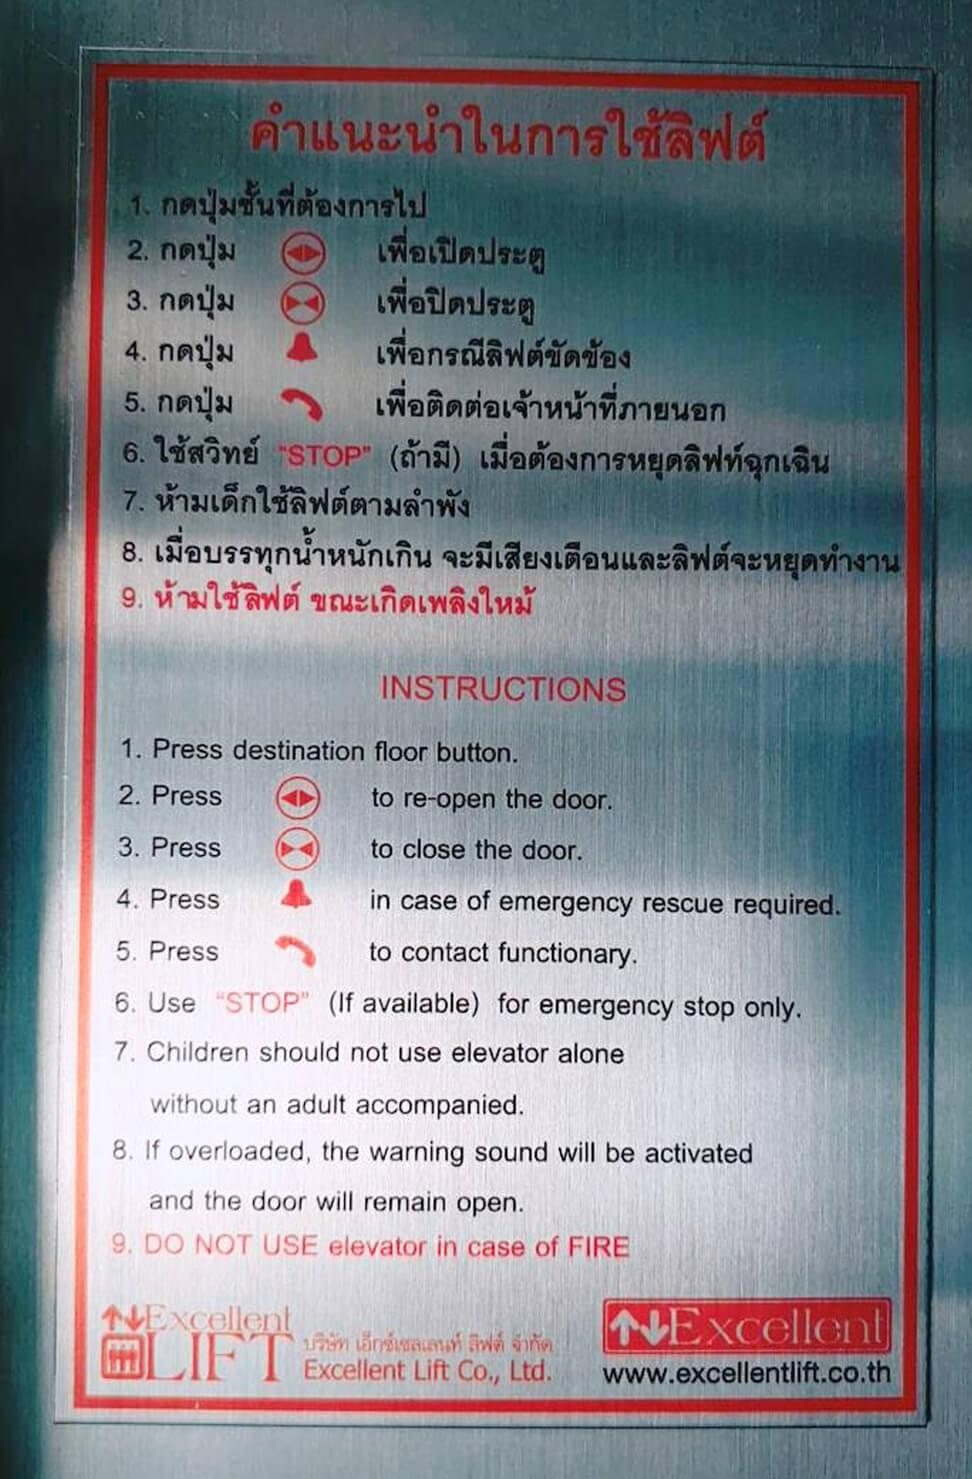 ลิฟท์เตียง-ลิฟท์โรงพยาบาล (32)